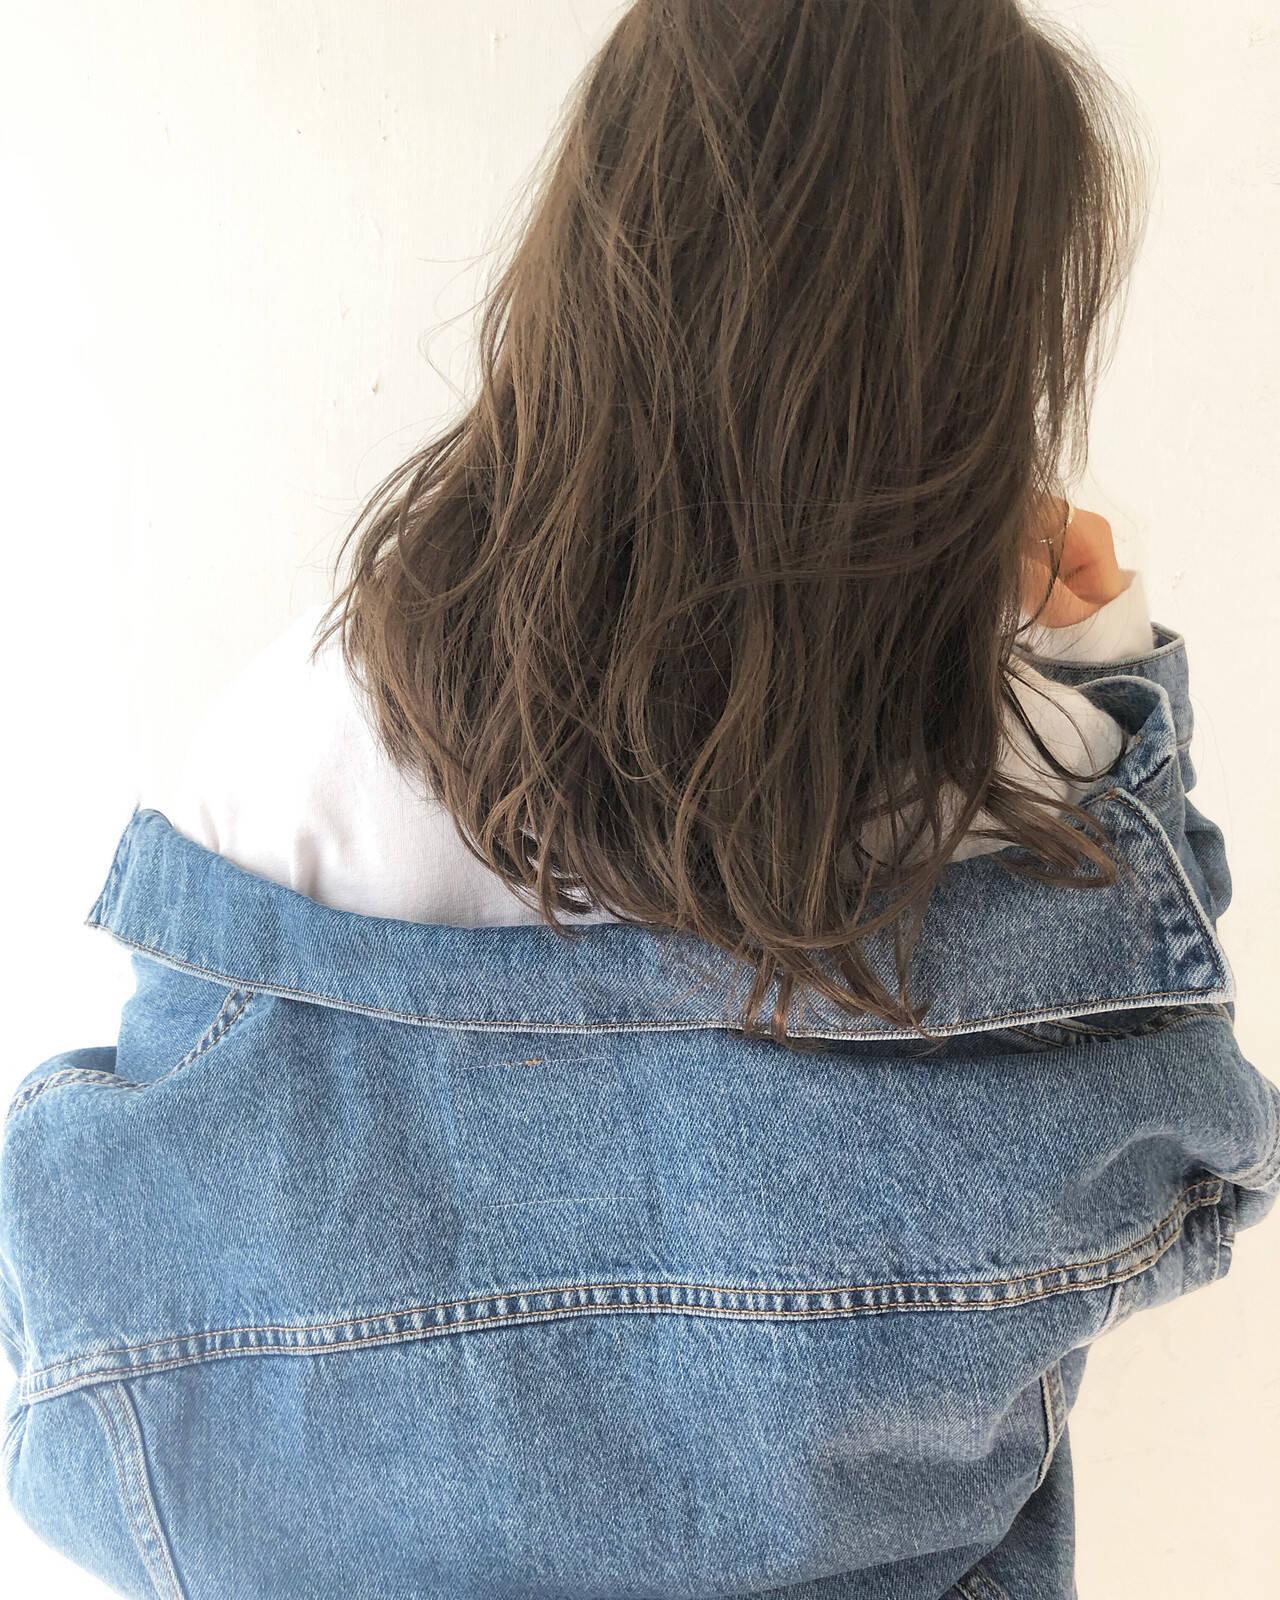 ベージュ ブラウン ヘルシー アンニュイヘアスタイルや髪型の写真・画像